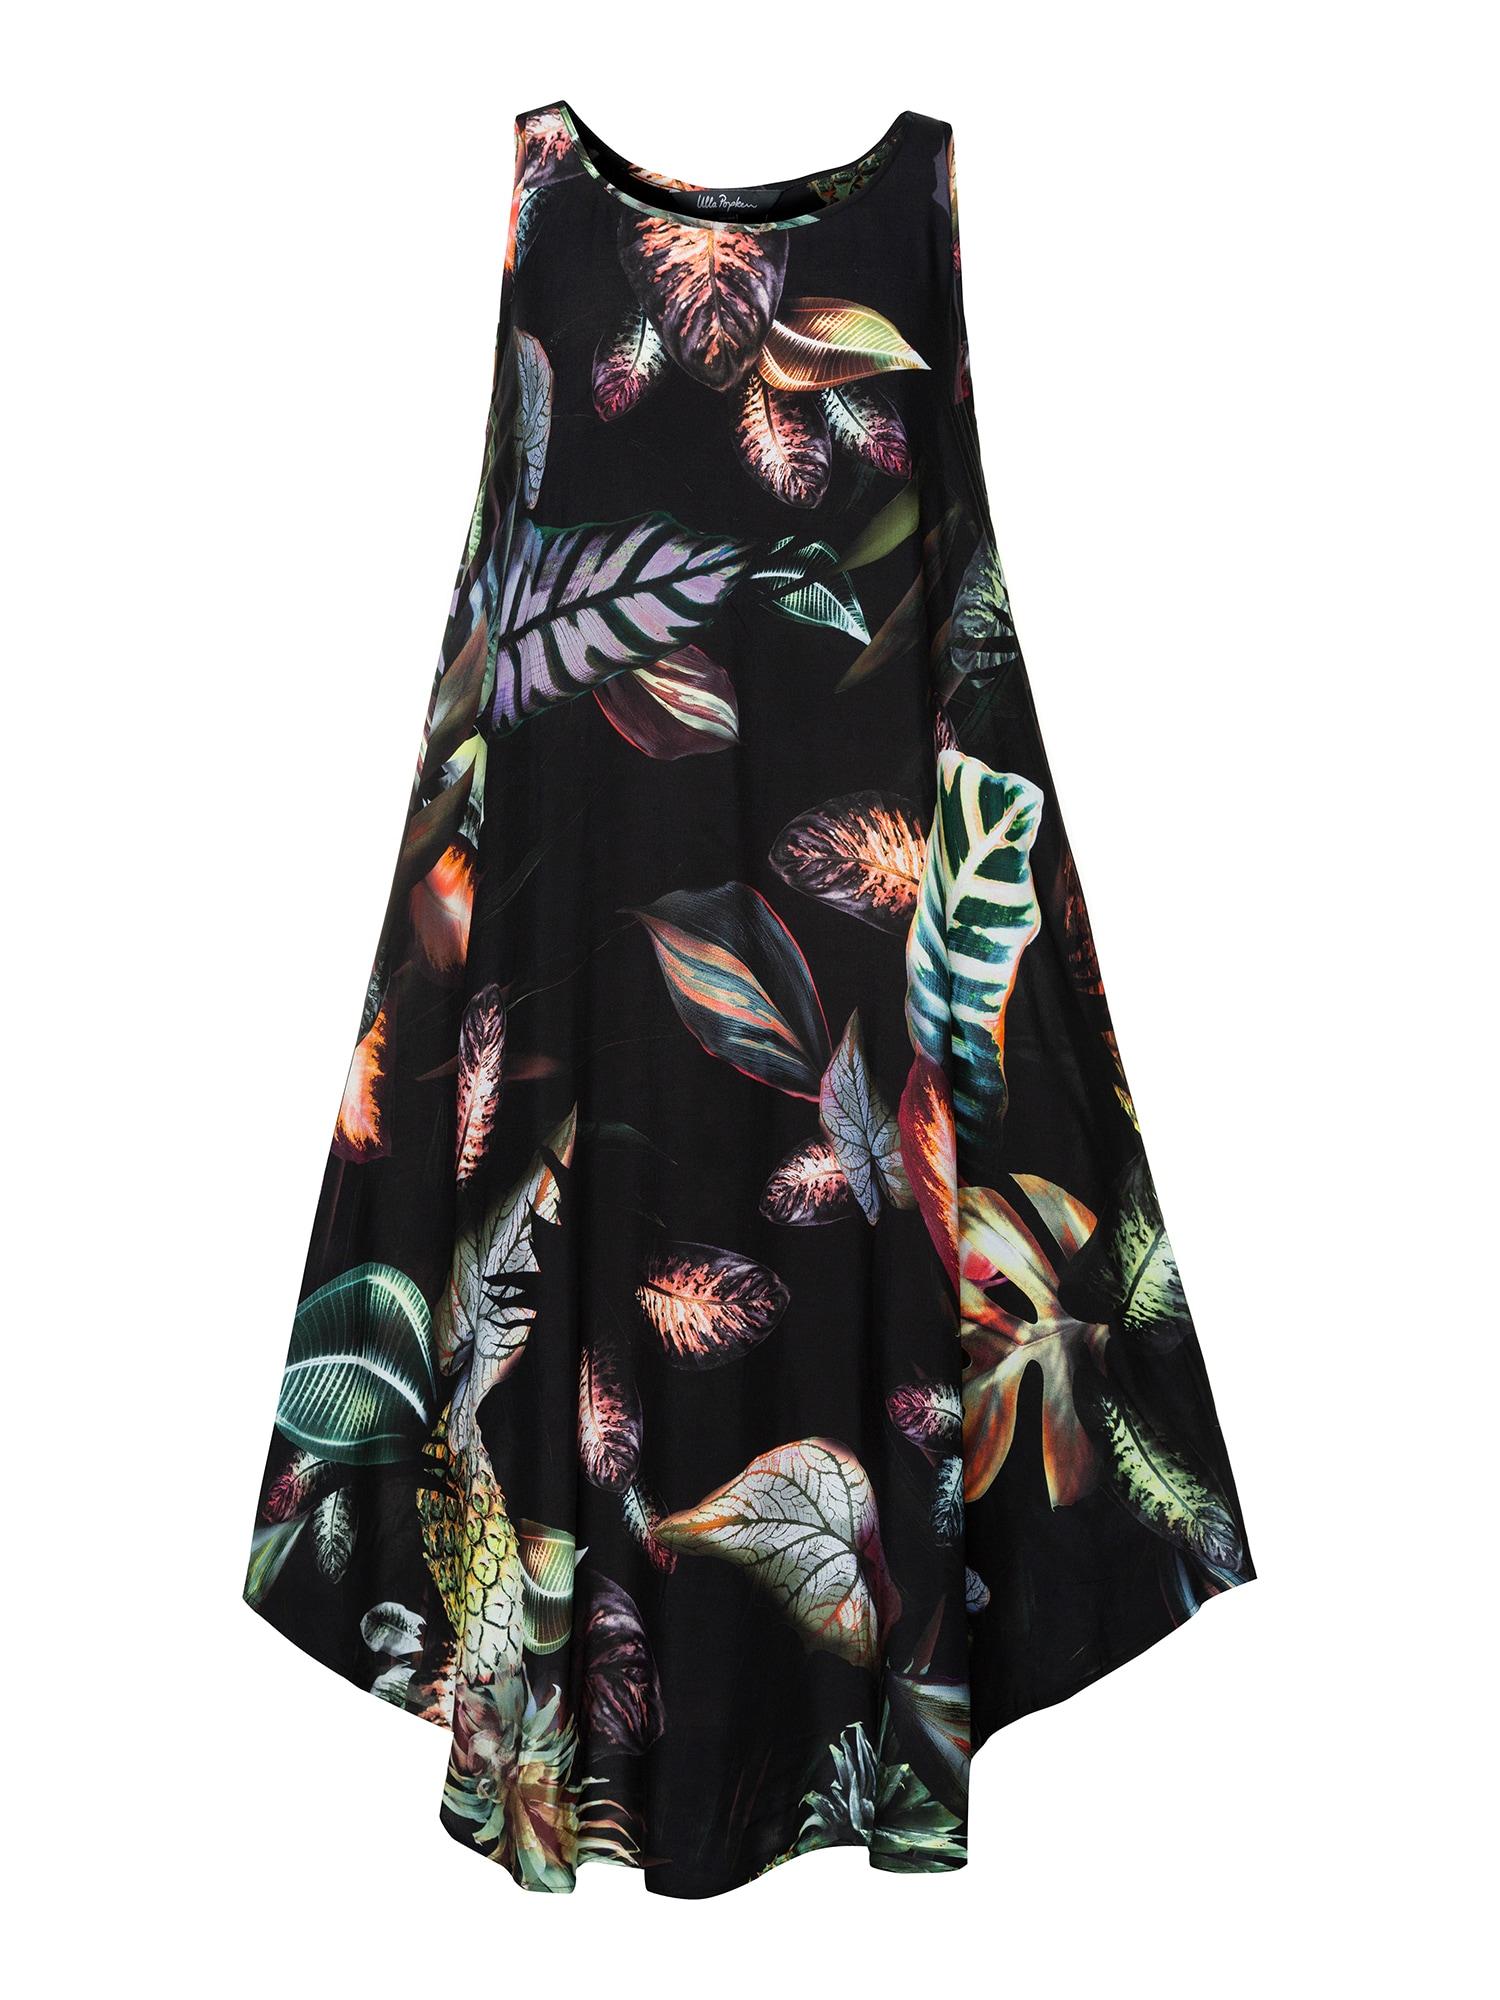 Letní šaty Ananas černá Ulla Popken